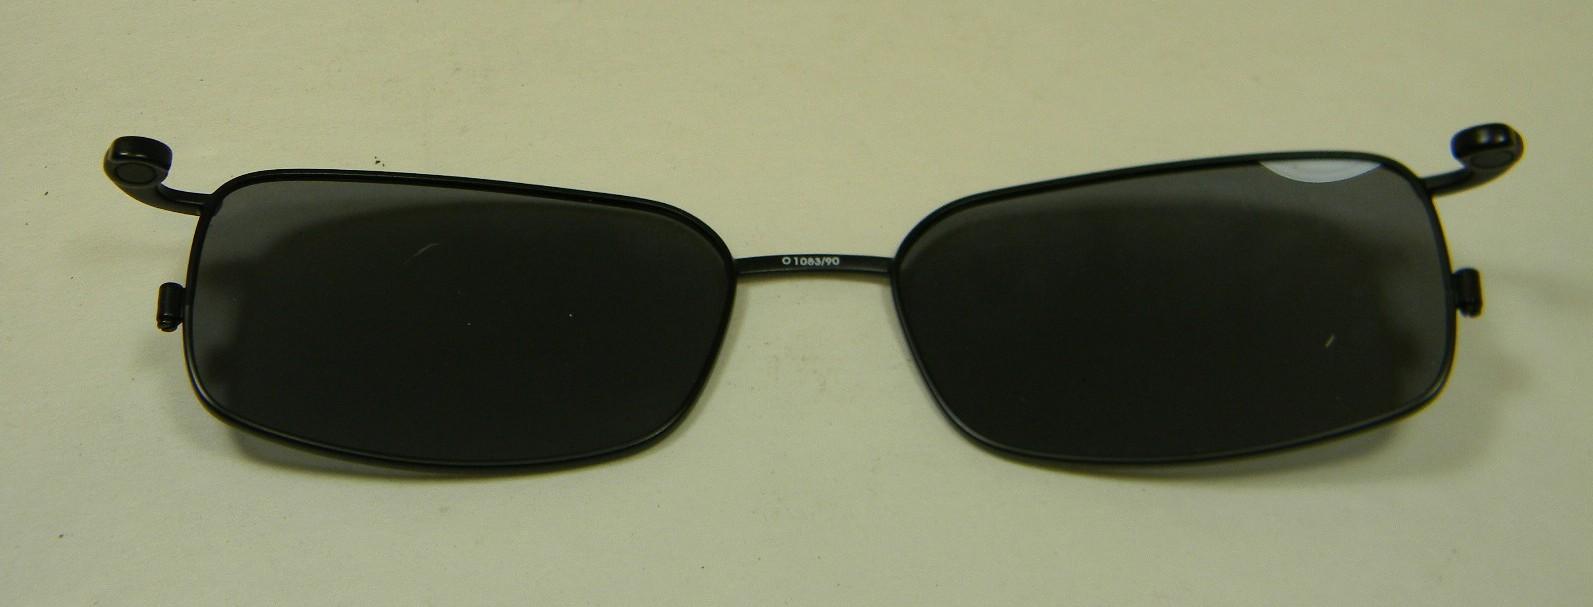 Sferoflex Eyeglass Clip-Ons SF2153C FREE SH SF2153C-365-5118